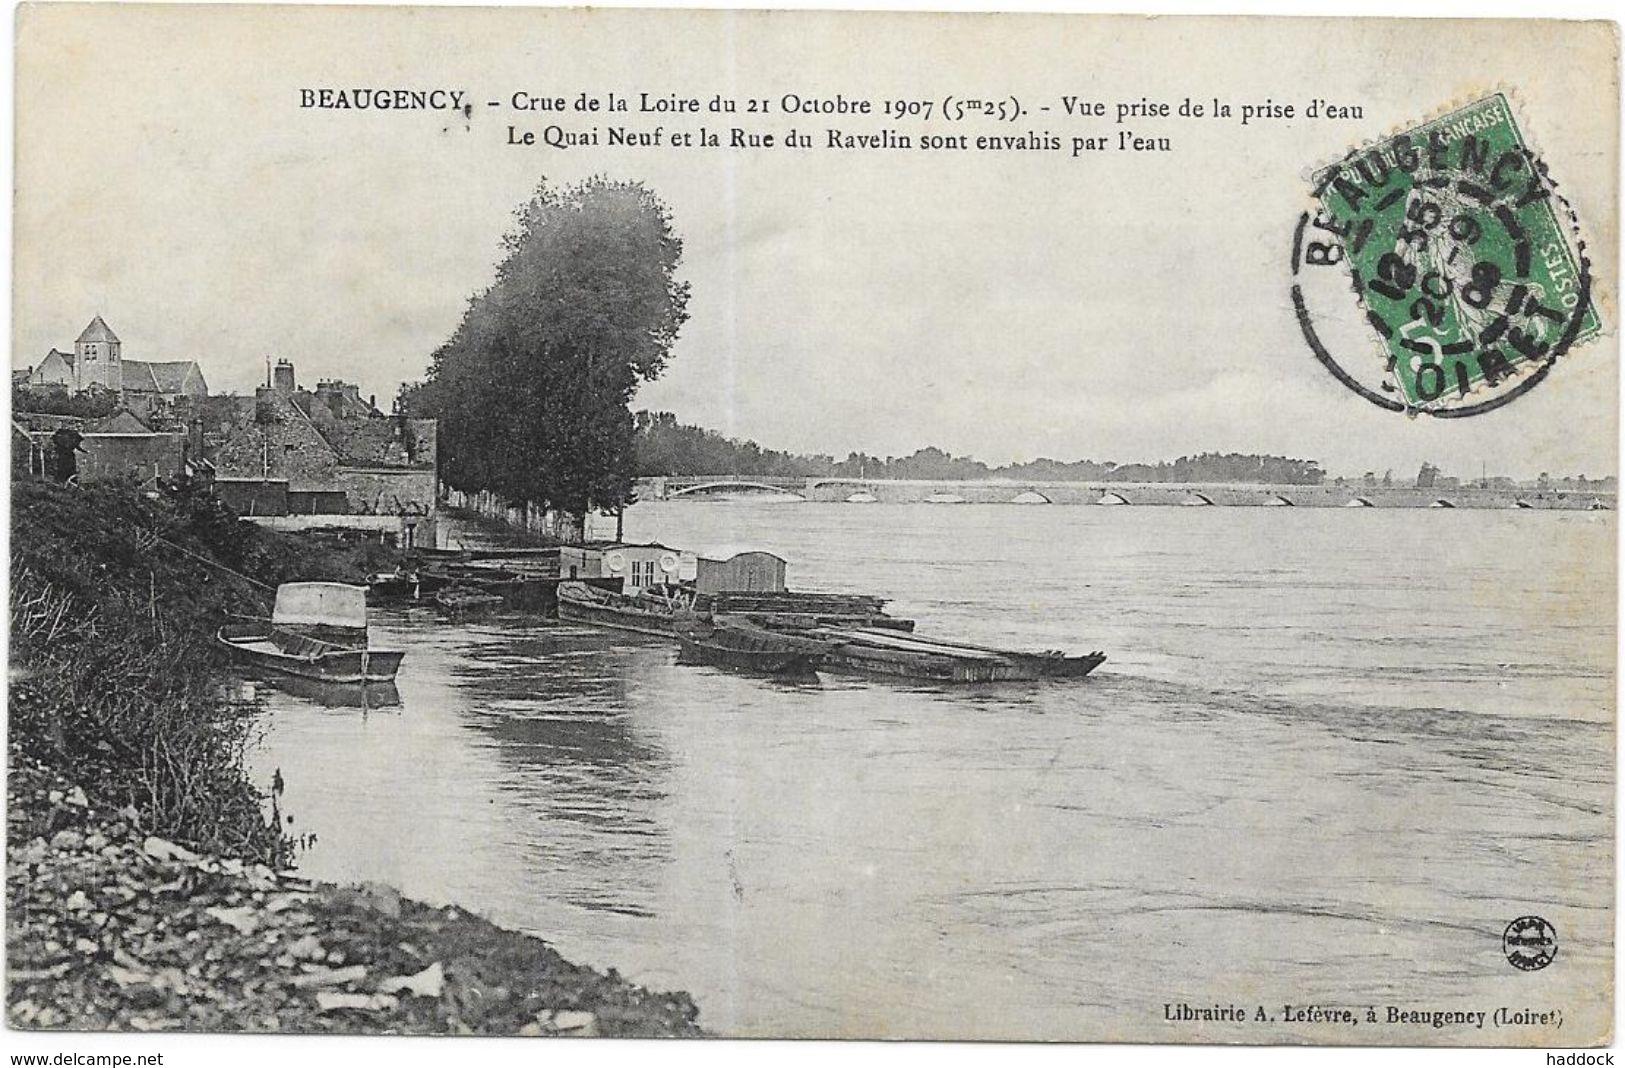 BEAUGENCY: CRUE DE LA LOIRE DU 21 OCTOBRE 1907 - Beaugency